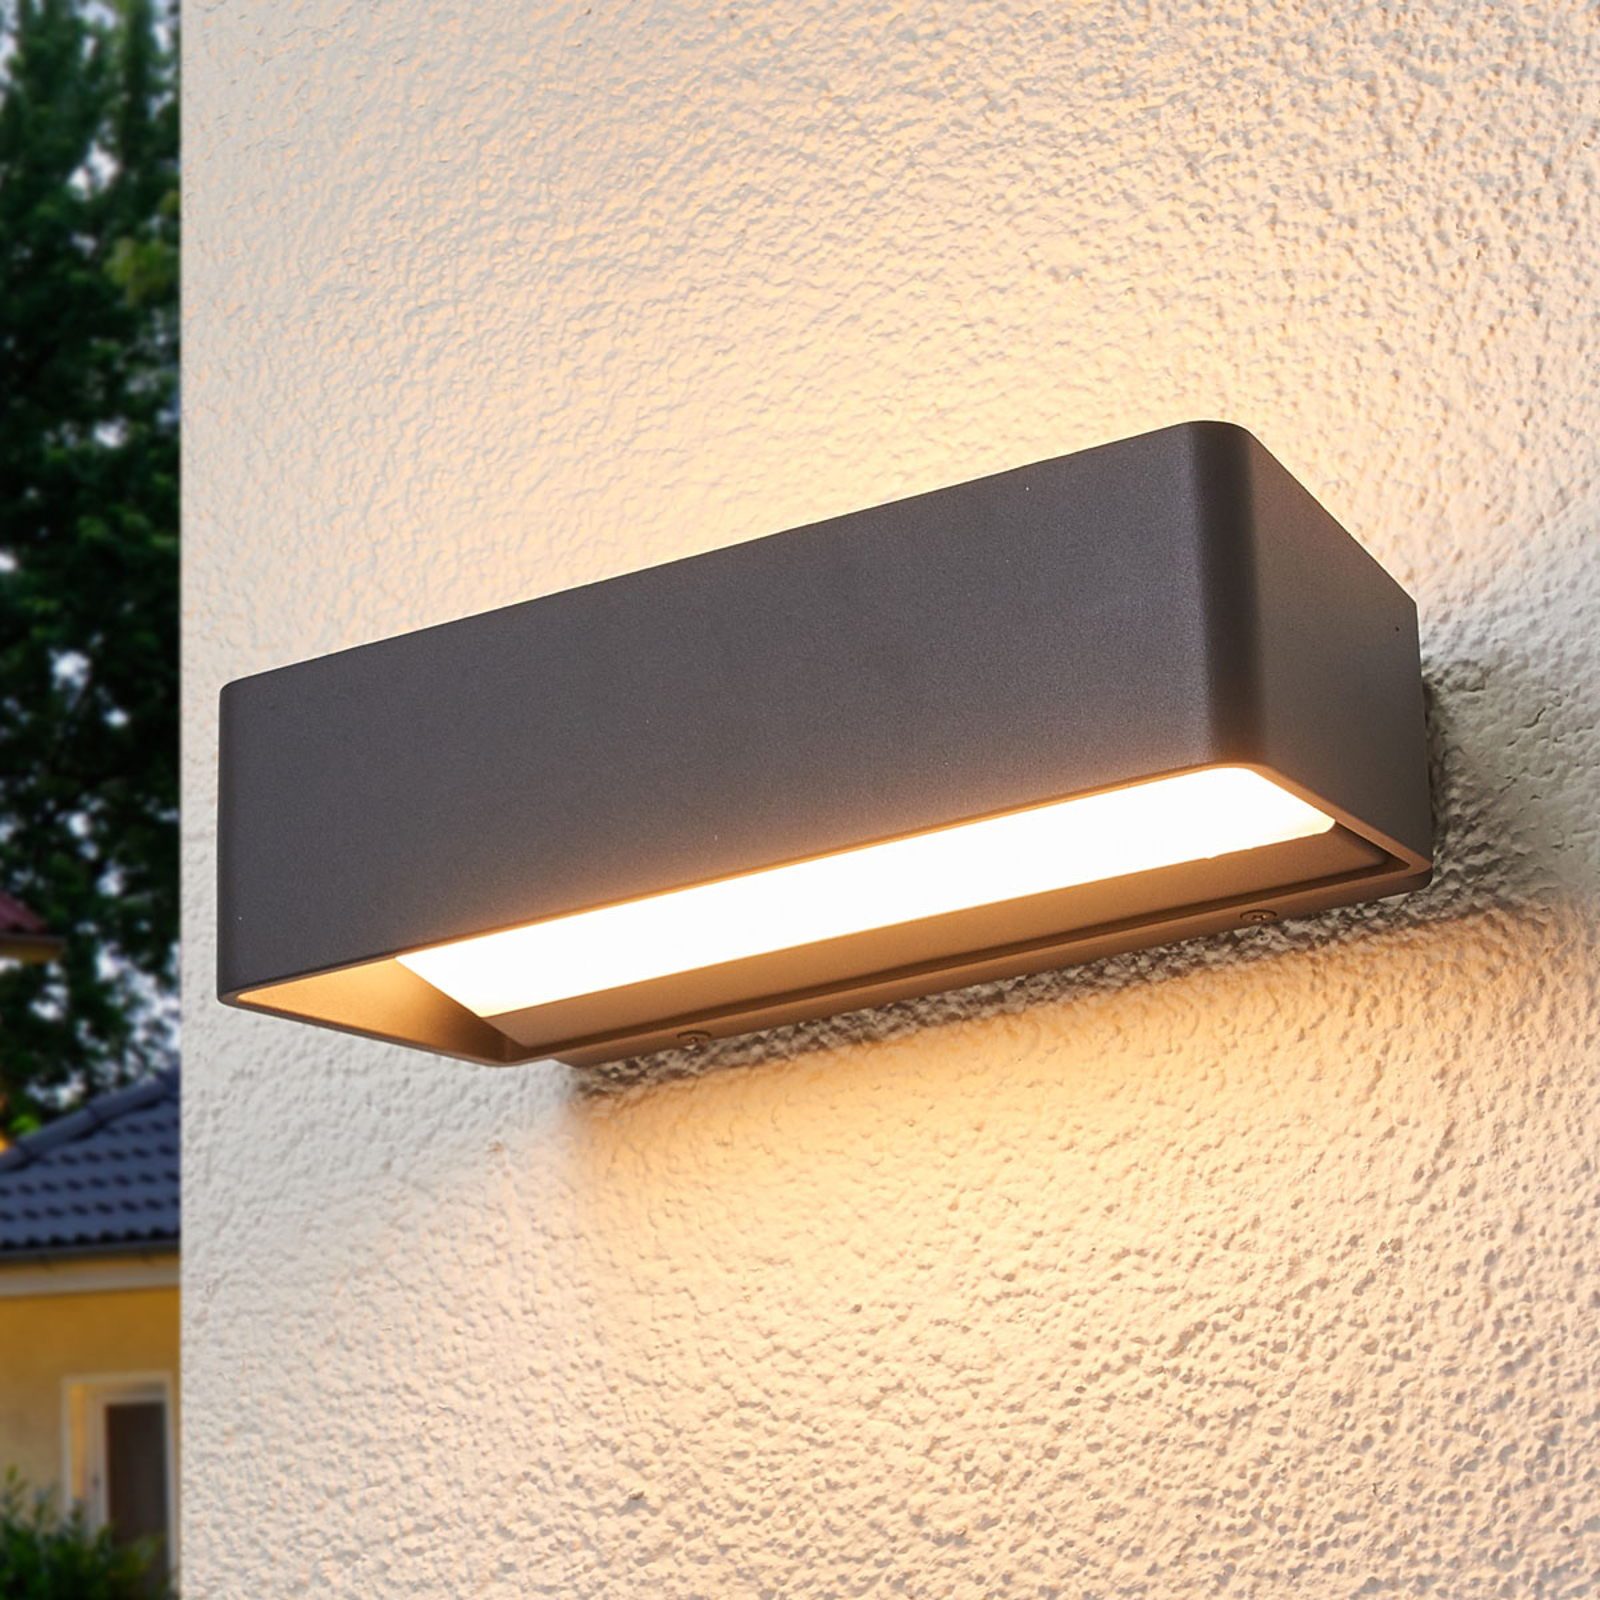 Logan - schlichte LED-Wandlampe für außen, IP65